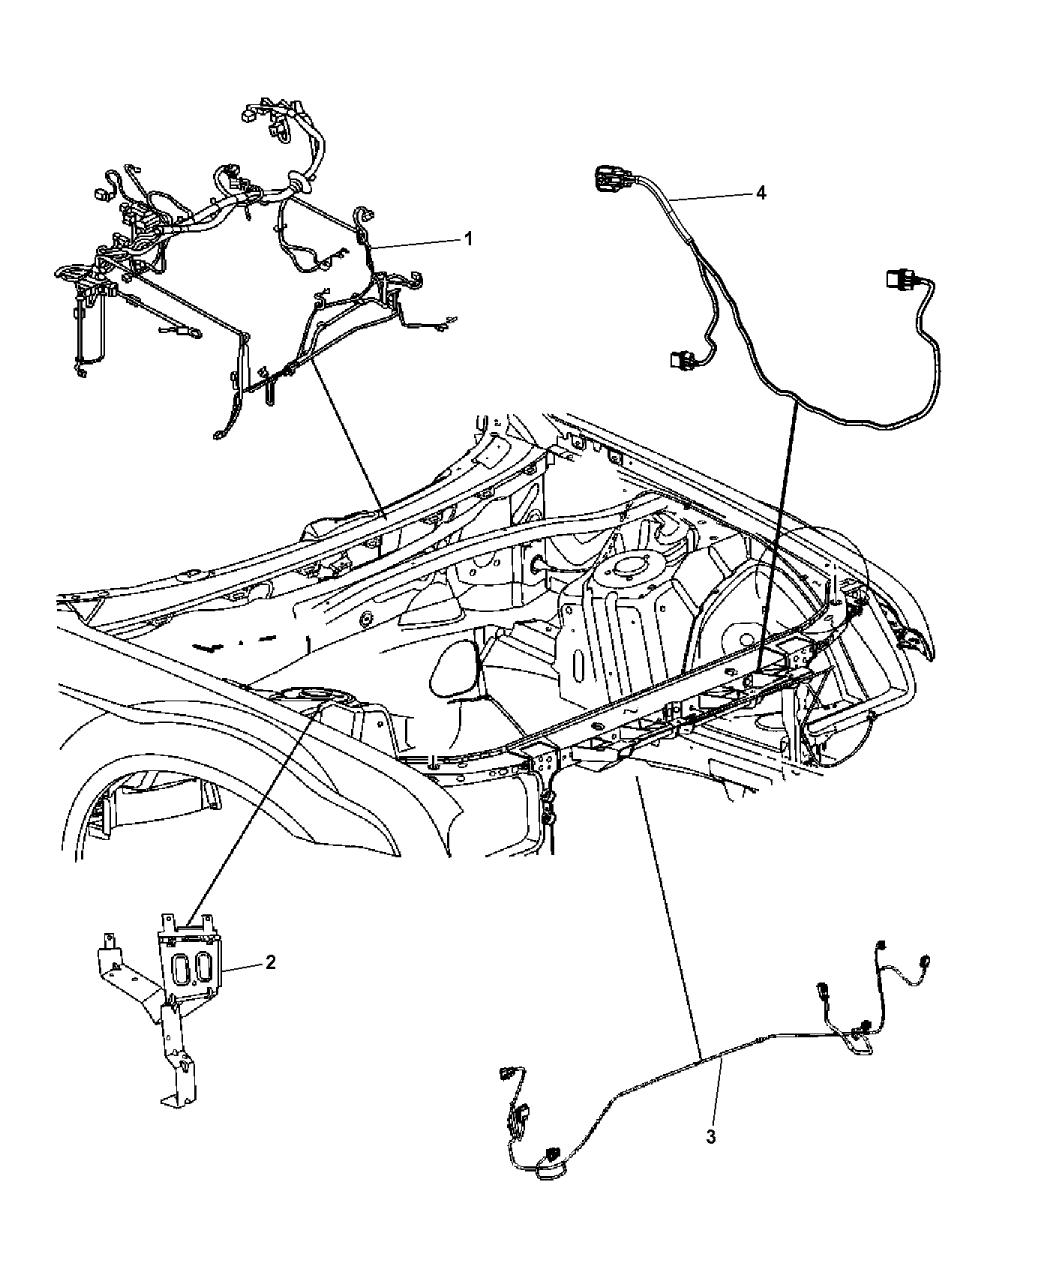 2015 dodge challenger wiring headlamp to dash mopar parts giant rh moparpartsgiant com 2013 Dodge Challenger Dashboard Dodge Challenger Dashboard in 2016